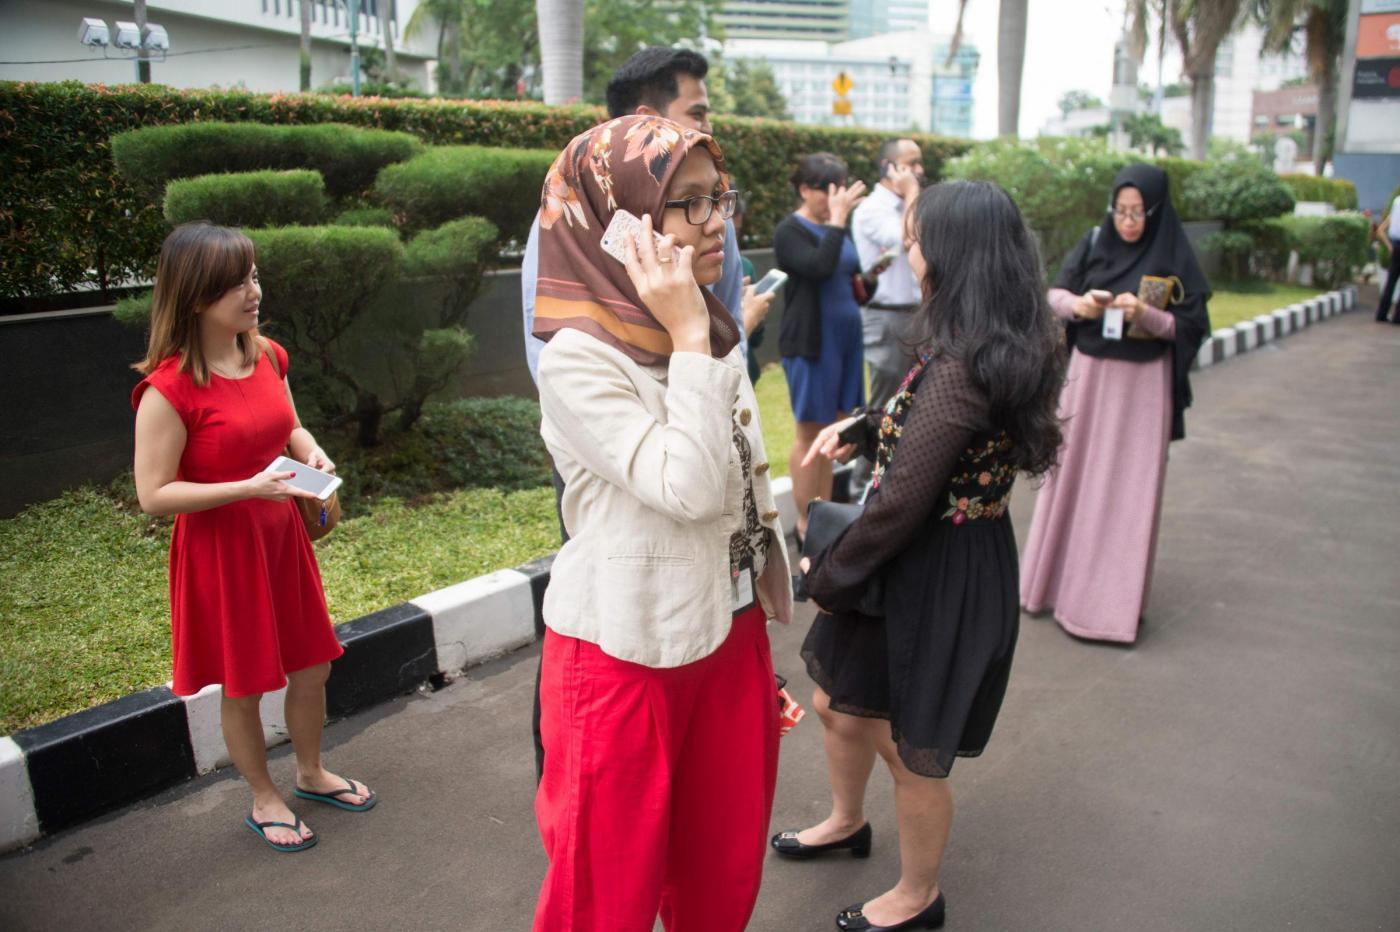 FORTI TERREMOTI SCUOTONO INDONESIA ED ALASKA. ERUZIONE IN GIAPPONE: UN MORTO E 10 FERITI